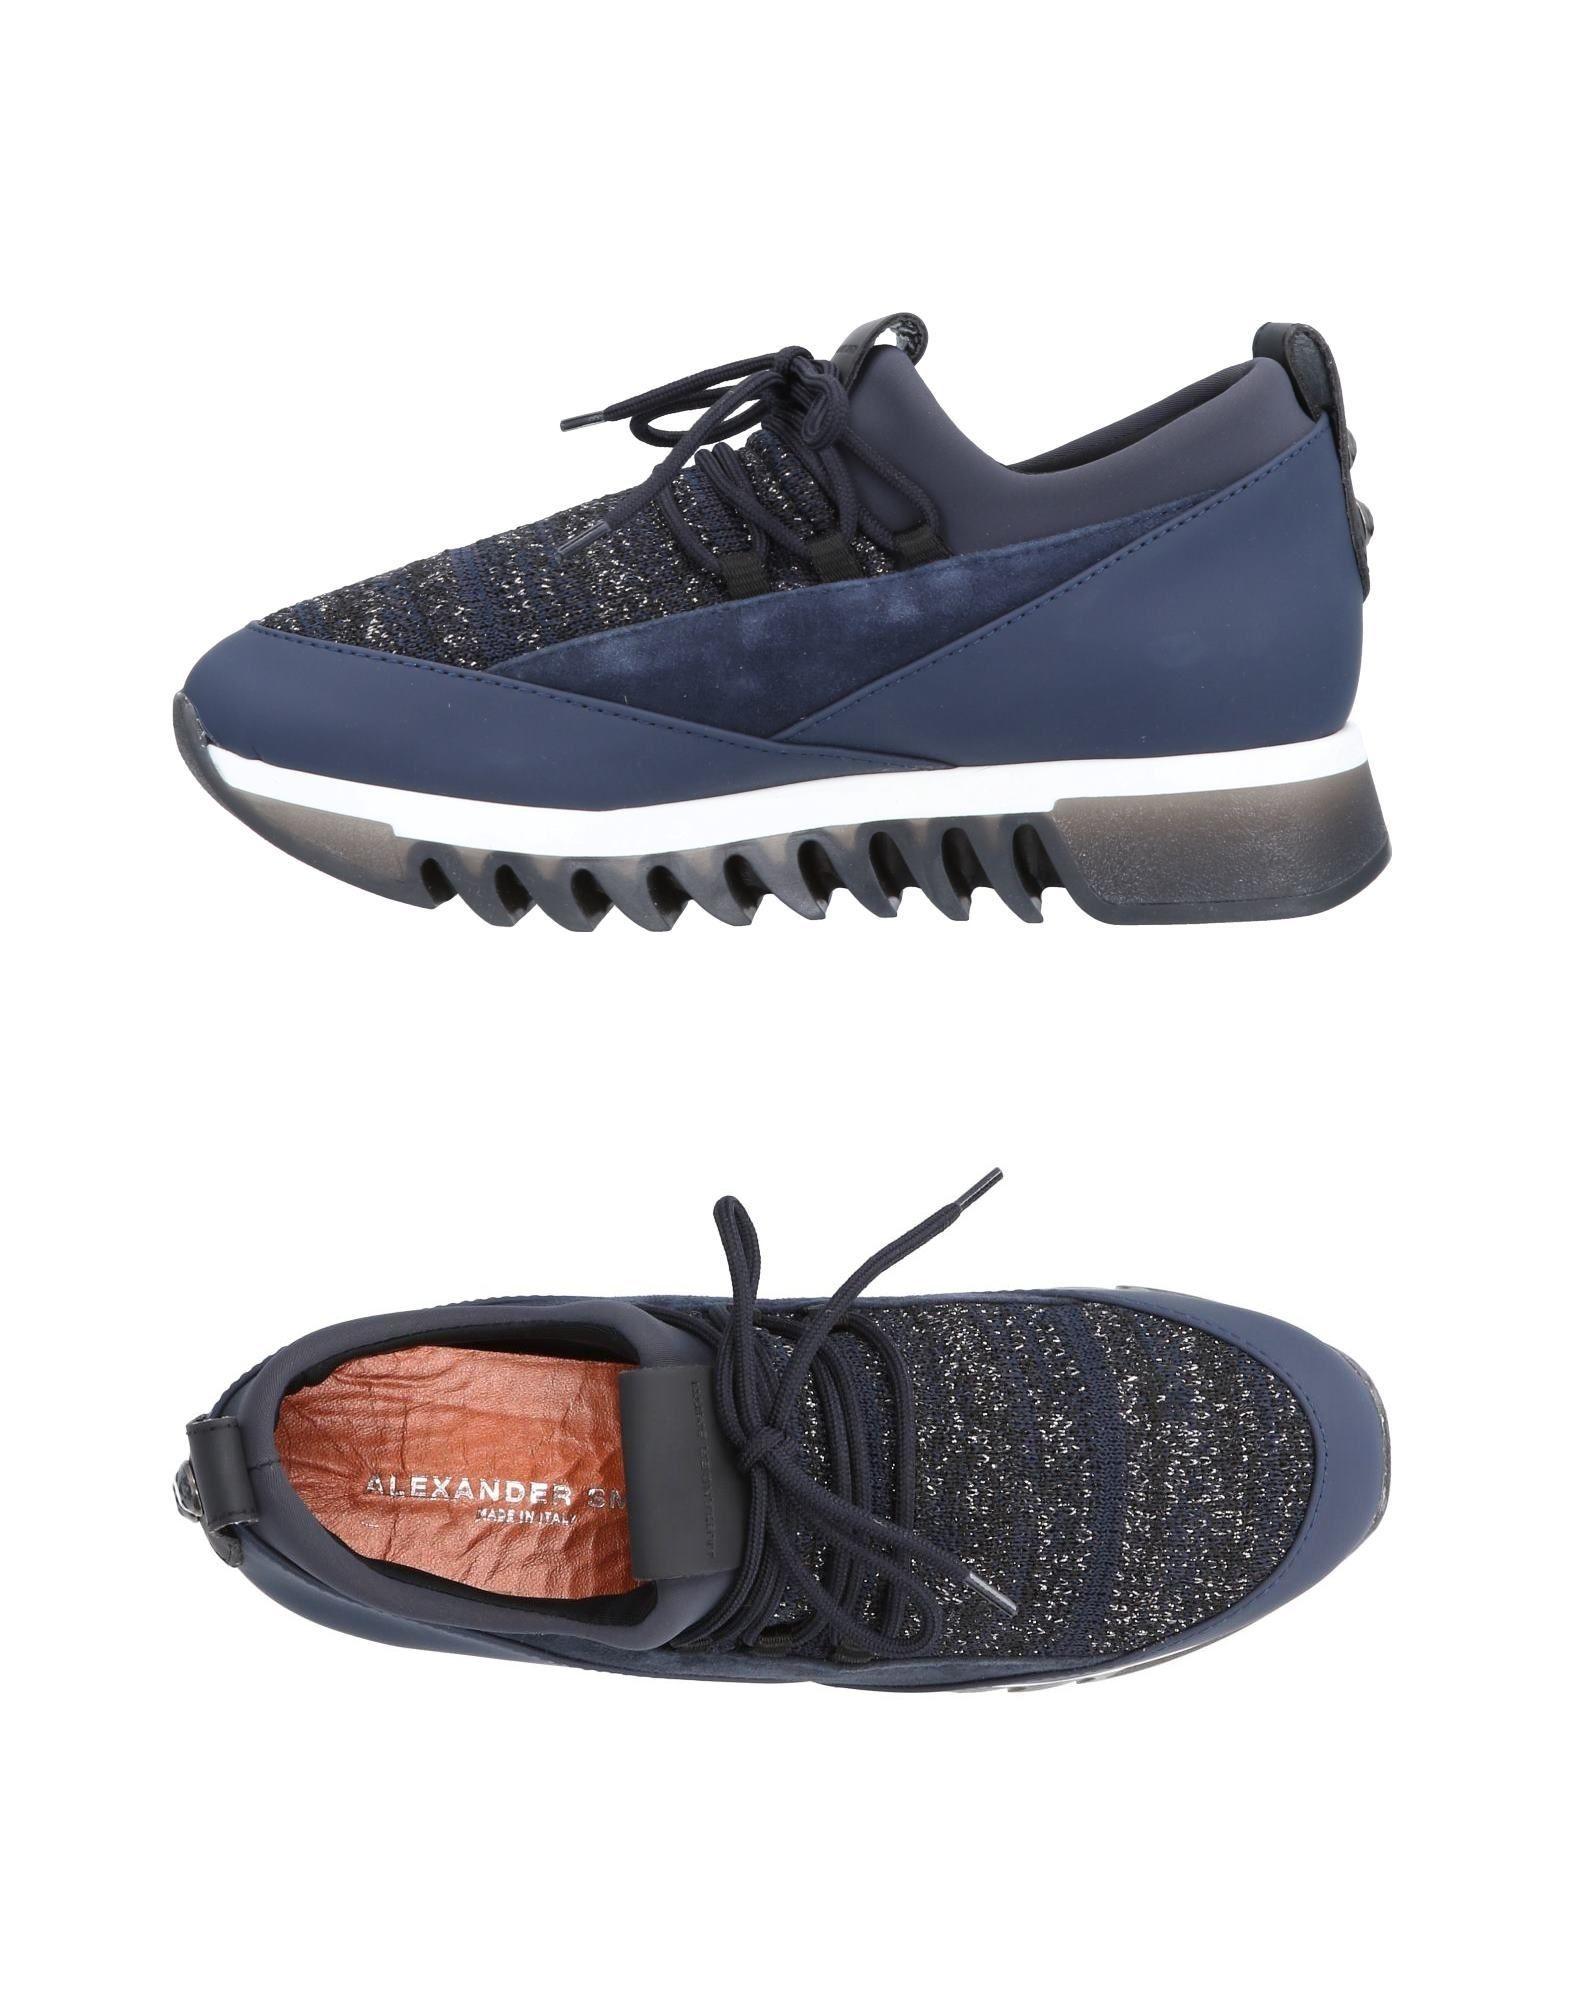 ALEXANDER SMITH Высокие кеды и кроссовки кеды кроссовки высокие dc evan smith hi s black gum